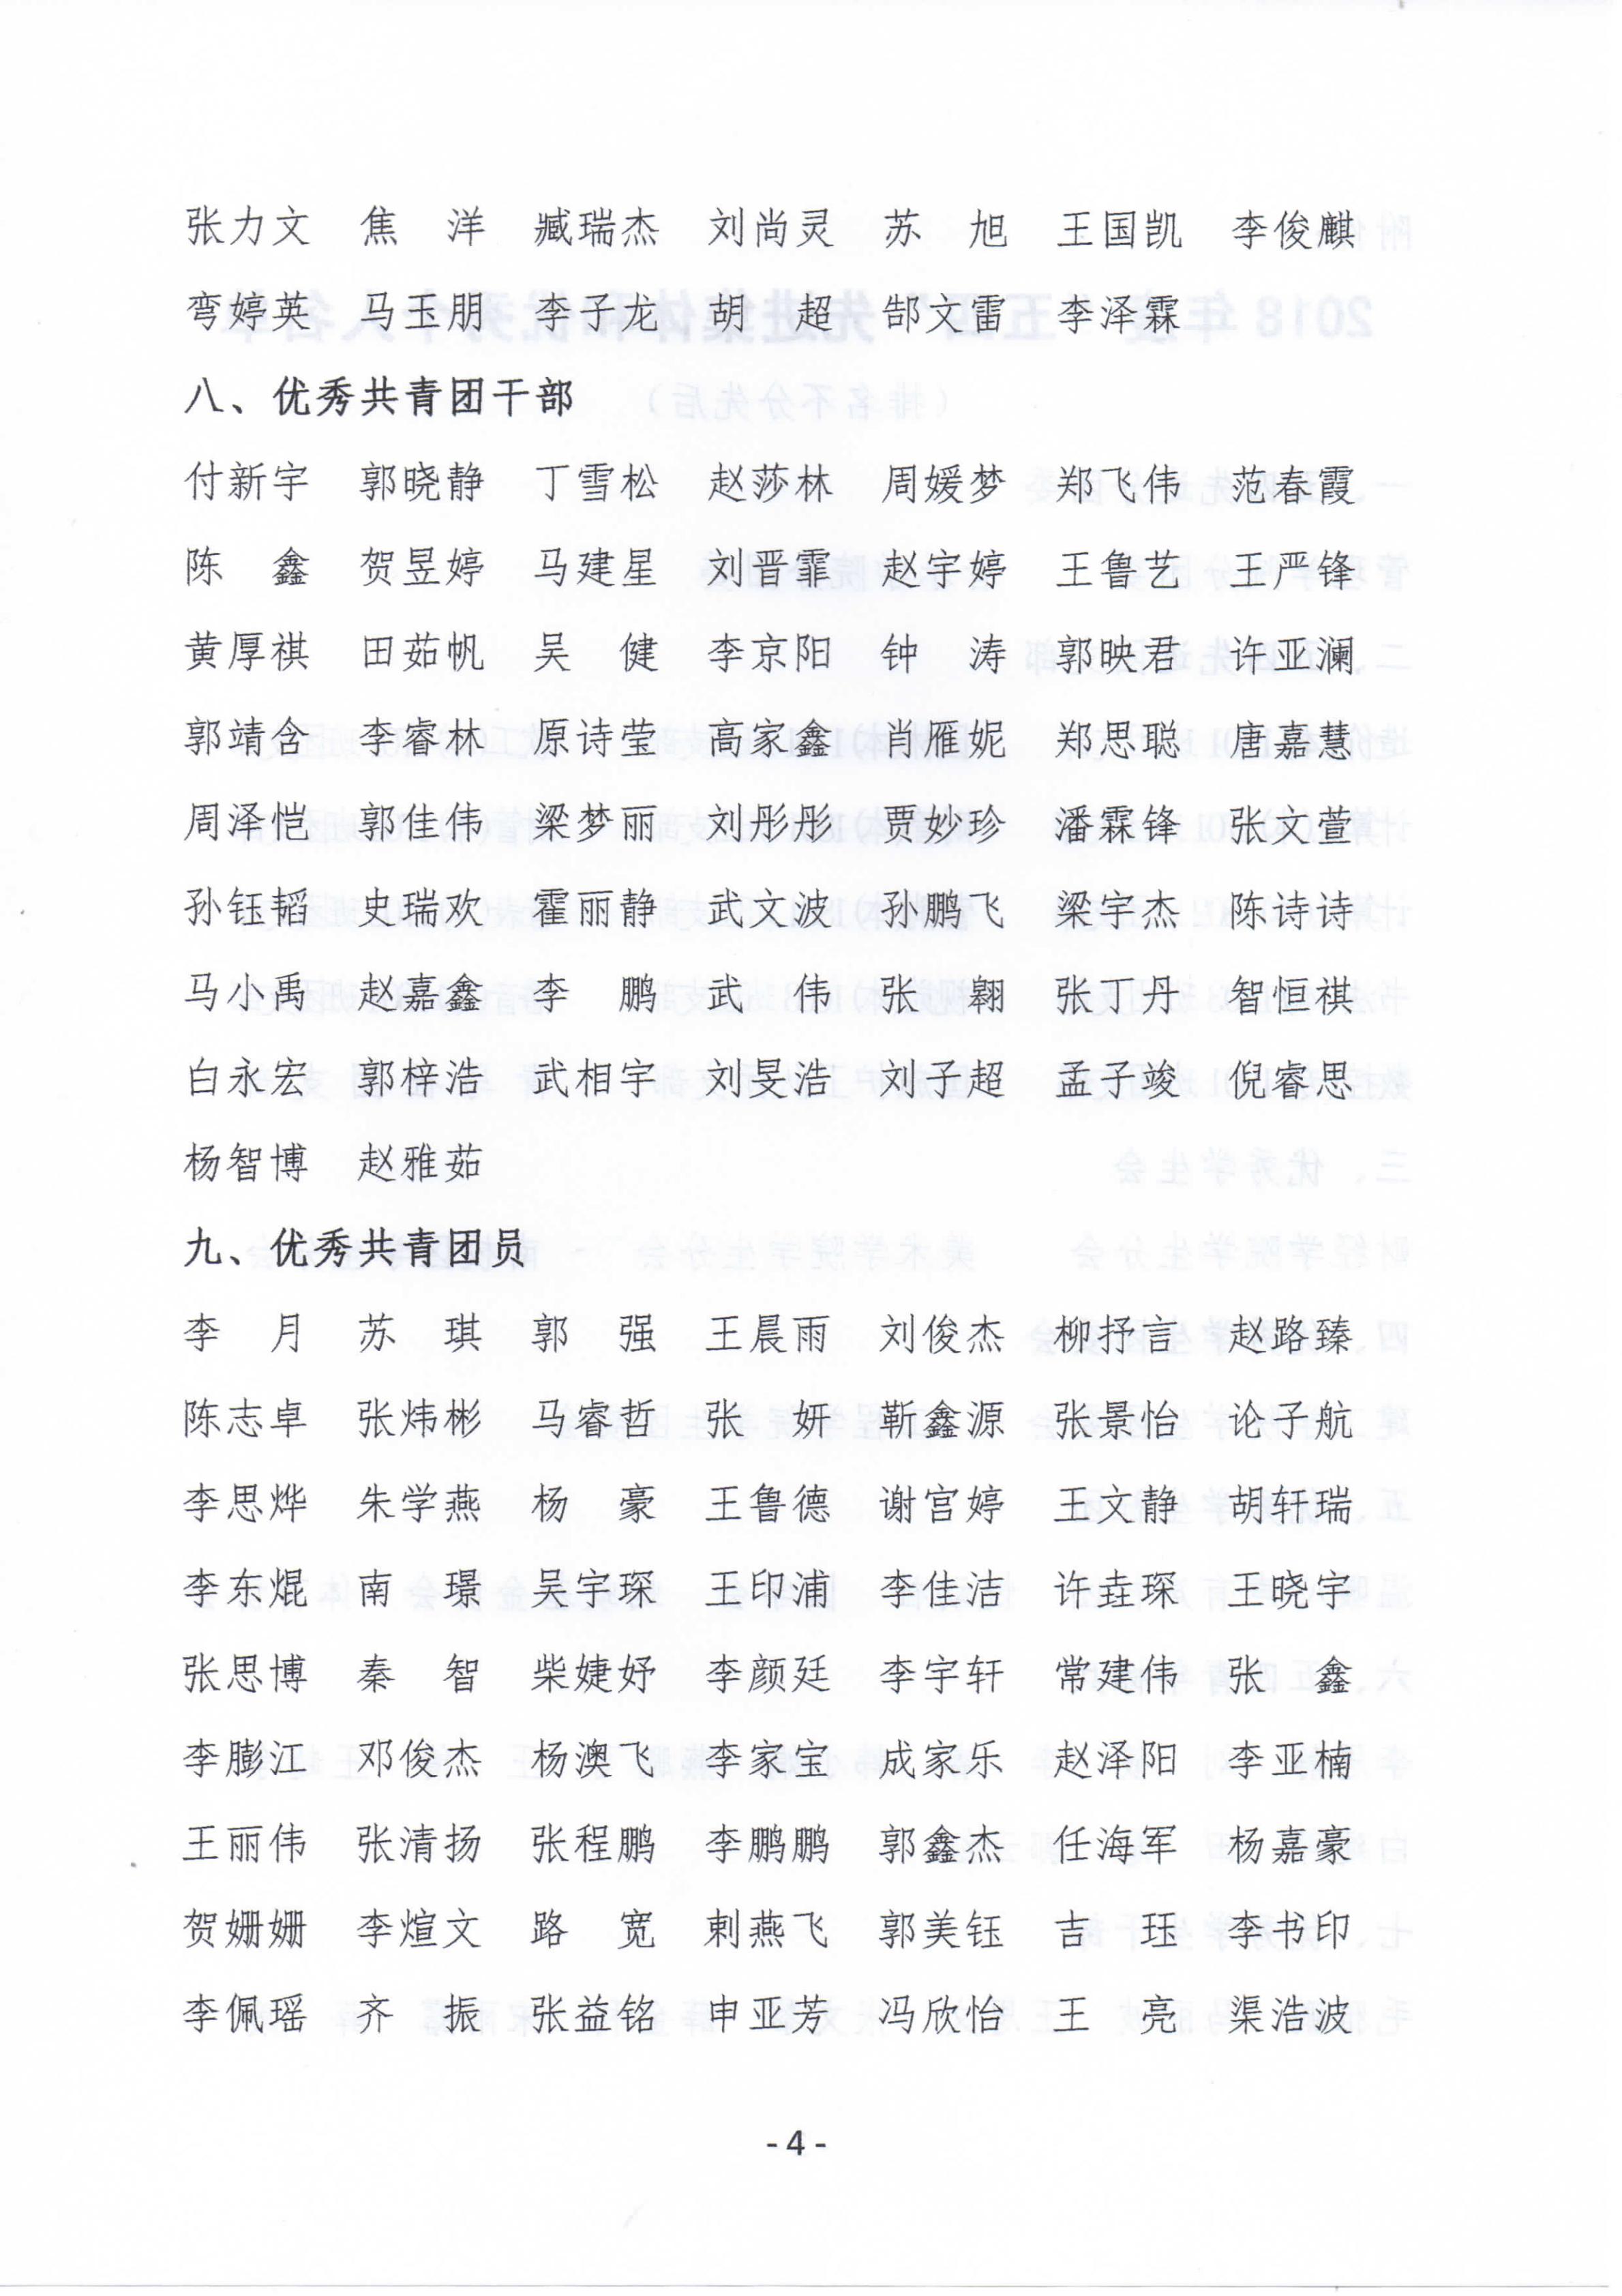 """9-晋科院团[2019]9号--关于表彰2018年度""""五四""""先进集体和优秀个人的决定_03.png"""